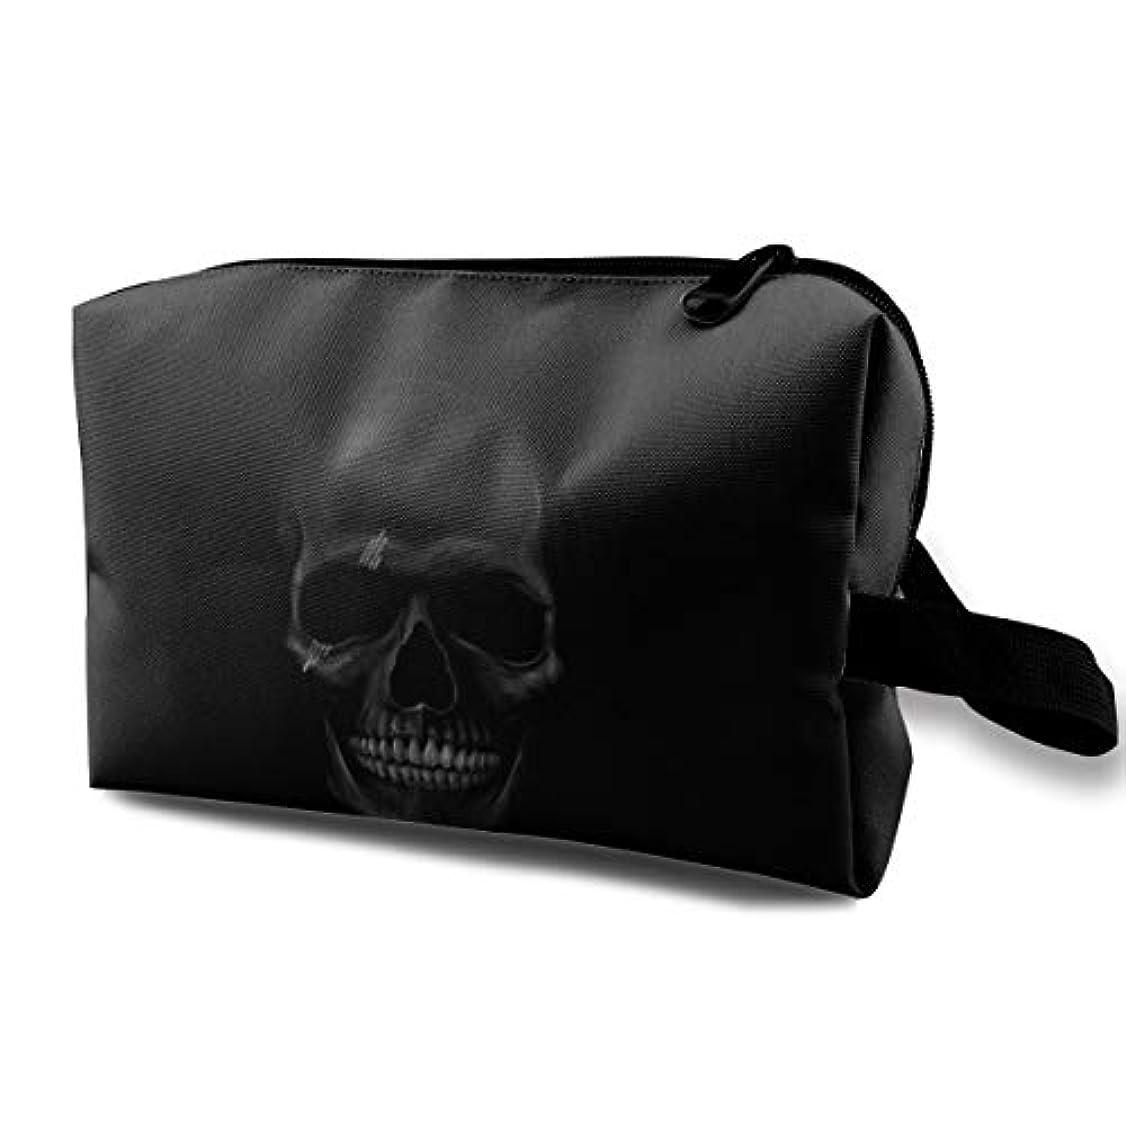 天のバーターなかなかCool And Horror Design Dark Skull 収納ポーチ 化粧ポーチ 大容量 軽量 耐久性 ハンドル付持ち運び便利。入れ 自宅?出張?旅行?アウトドア撮影などに対応。メンズ レディース トラベルグッズ